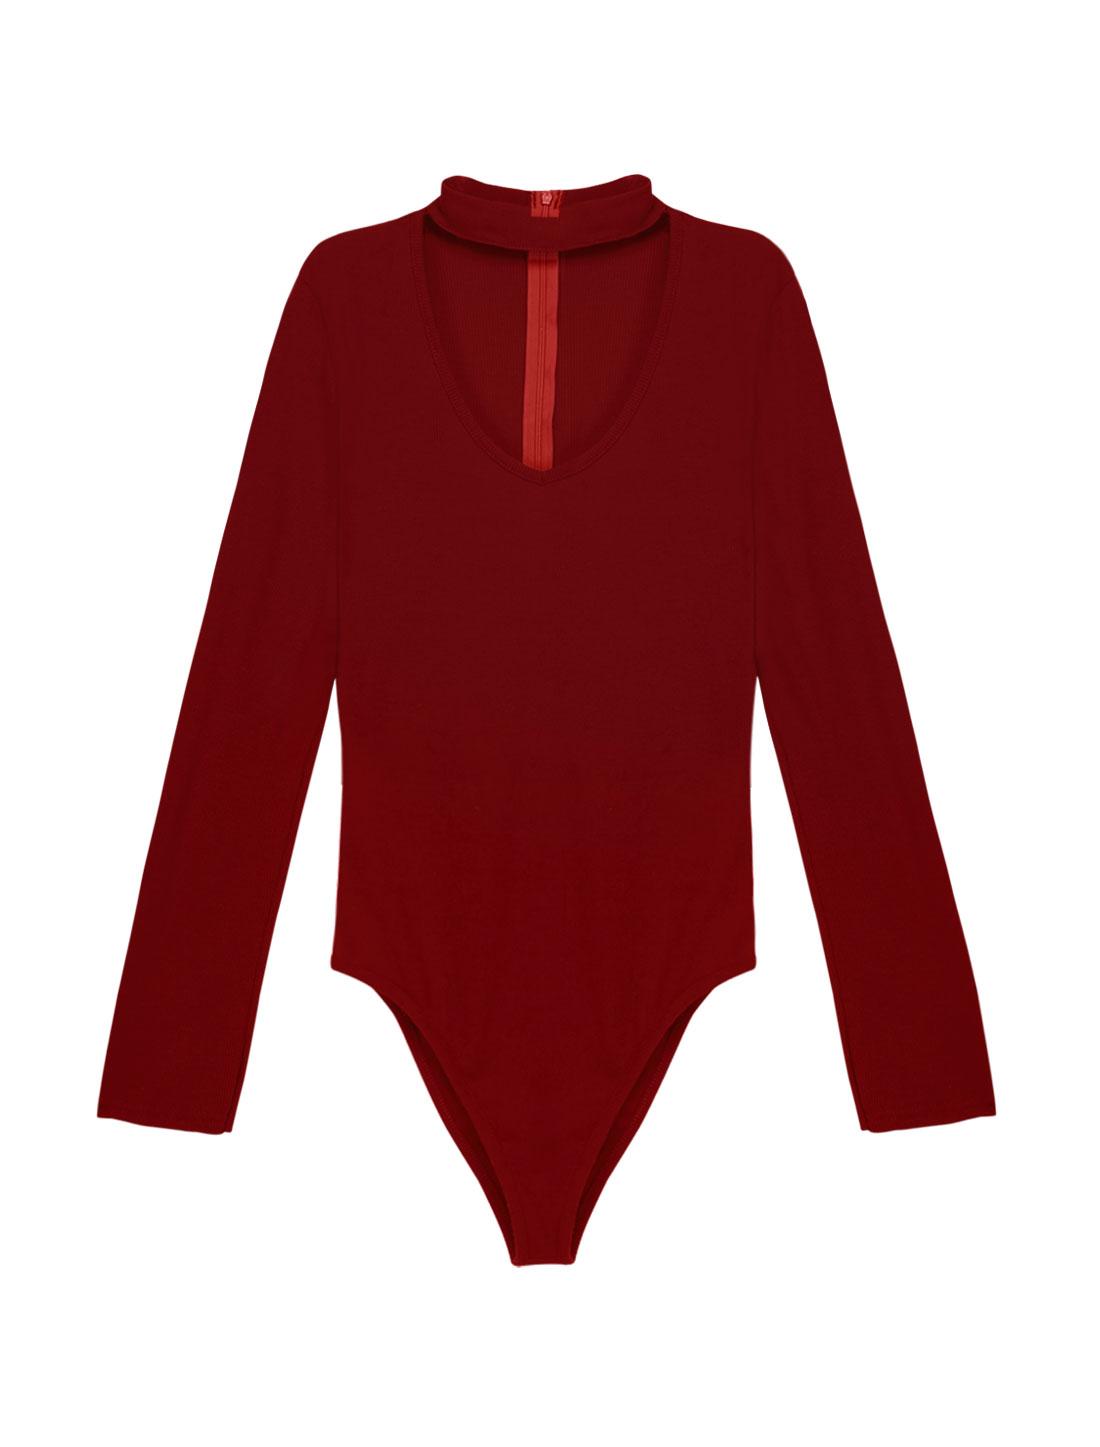 Women Choker Neck Long Sleeves Ribbed Design Slim Fit Bodysuit Burgundy S